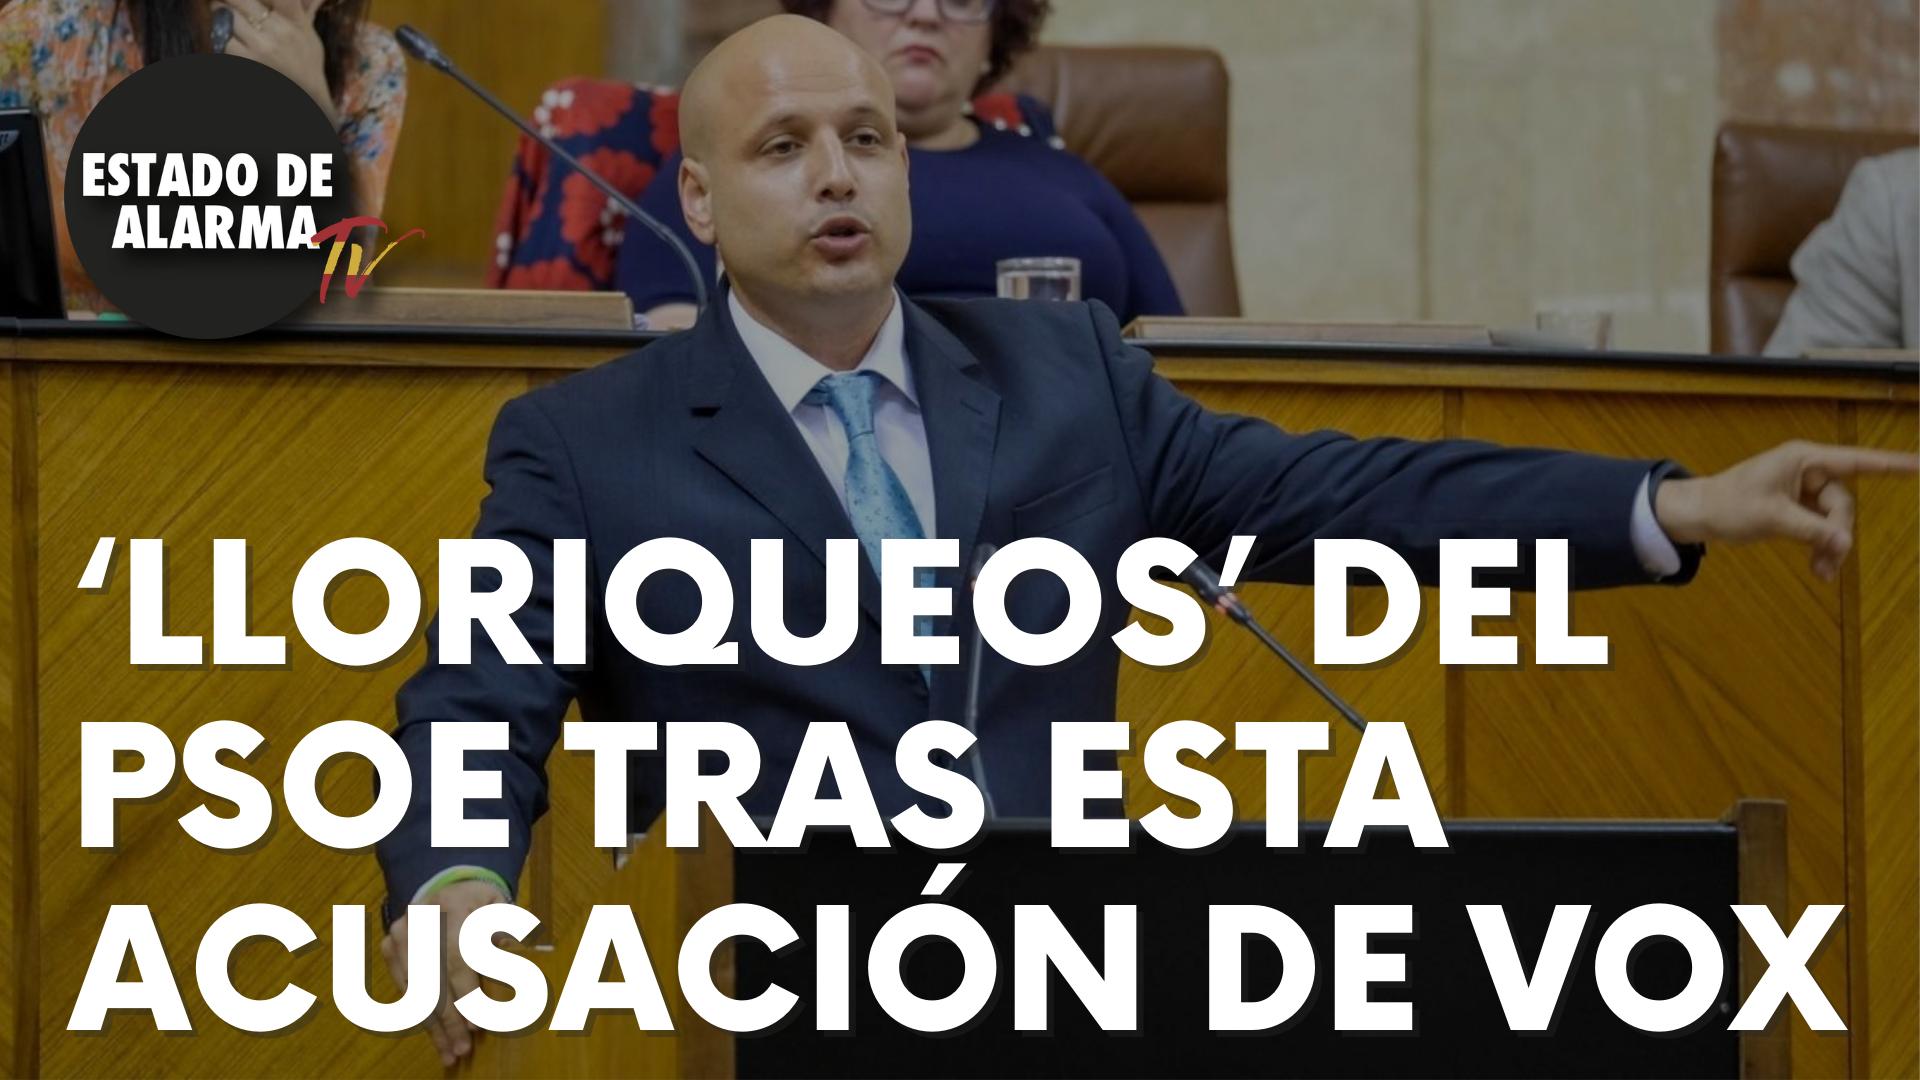 'Lloriqueos' del PSOE tras esta acusación de Vox